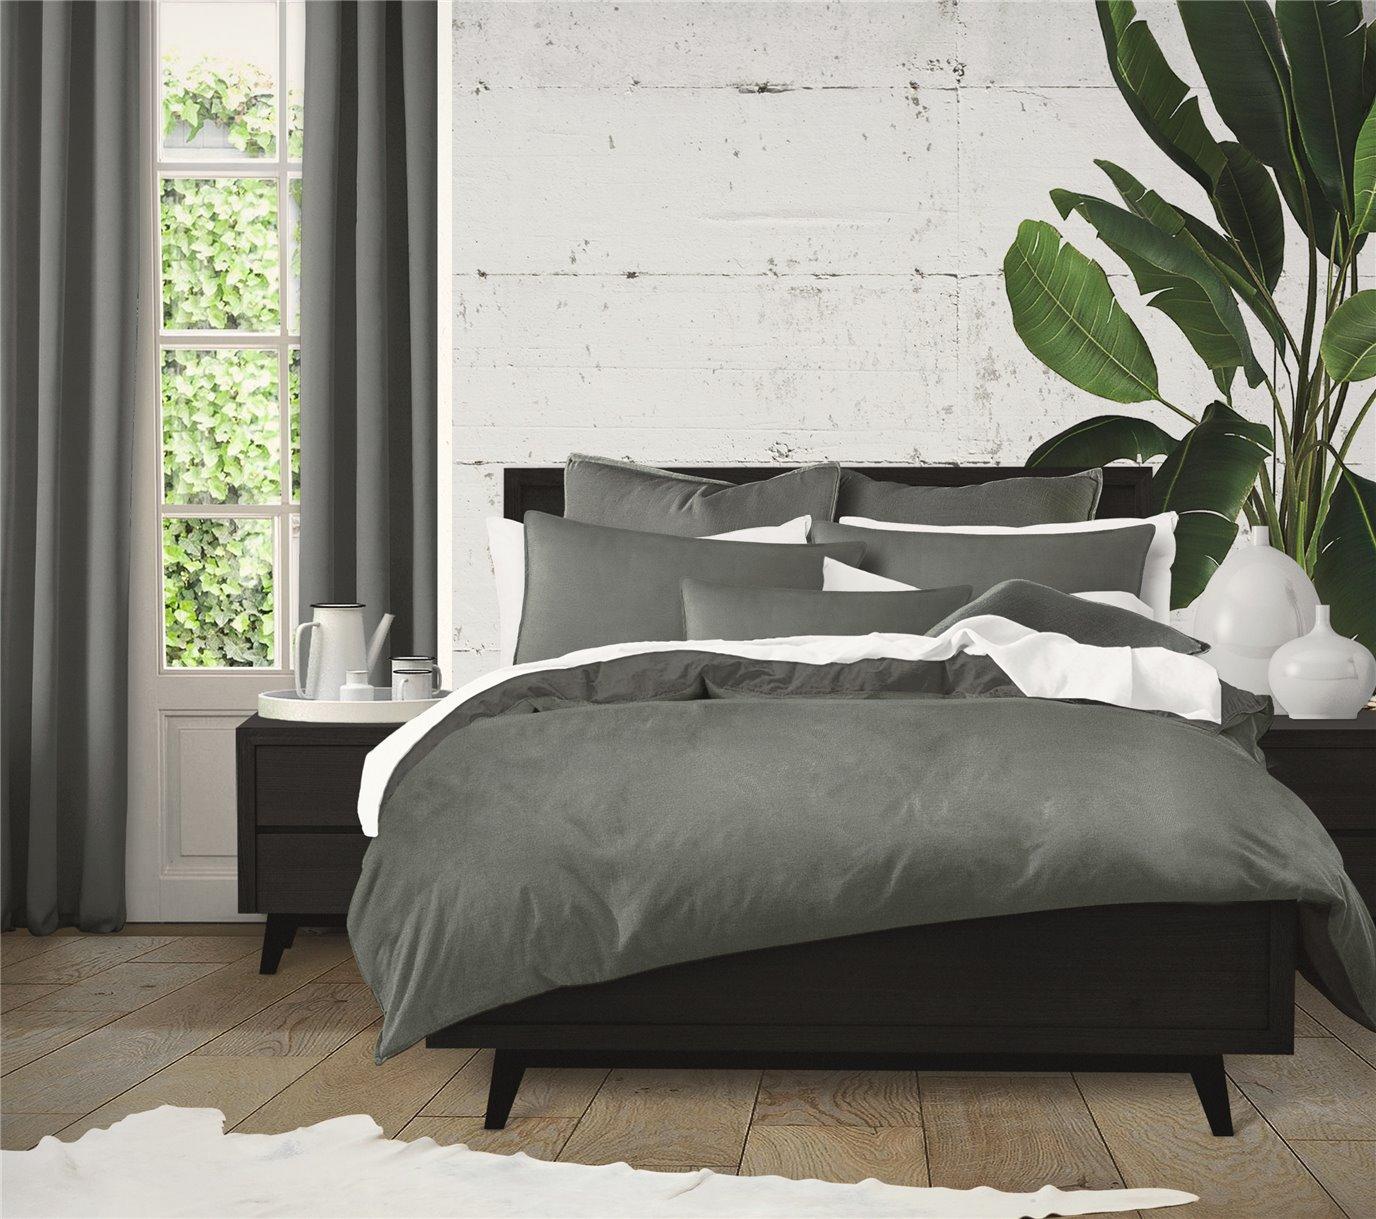 Harrow Charcoal Comforter Set - Super Queen